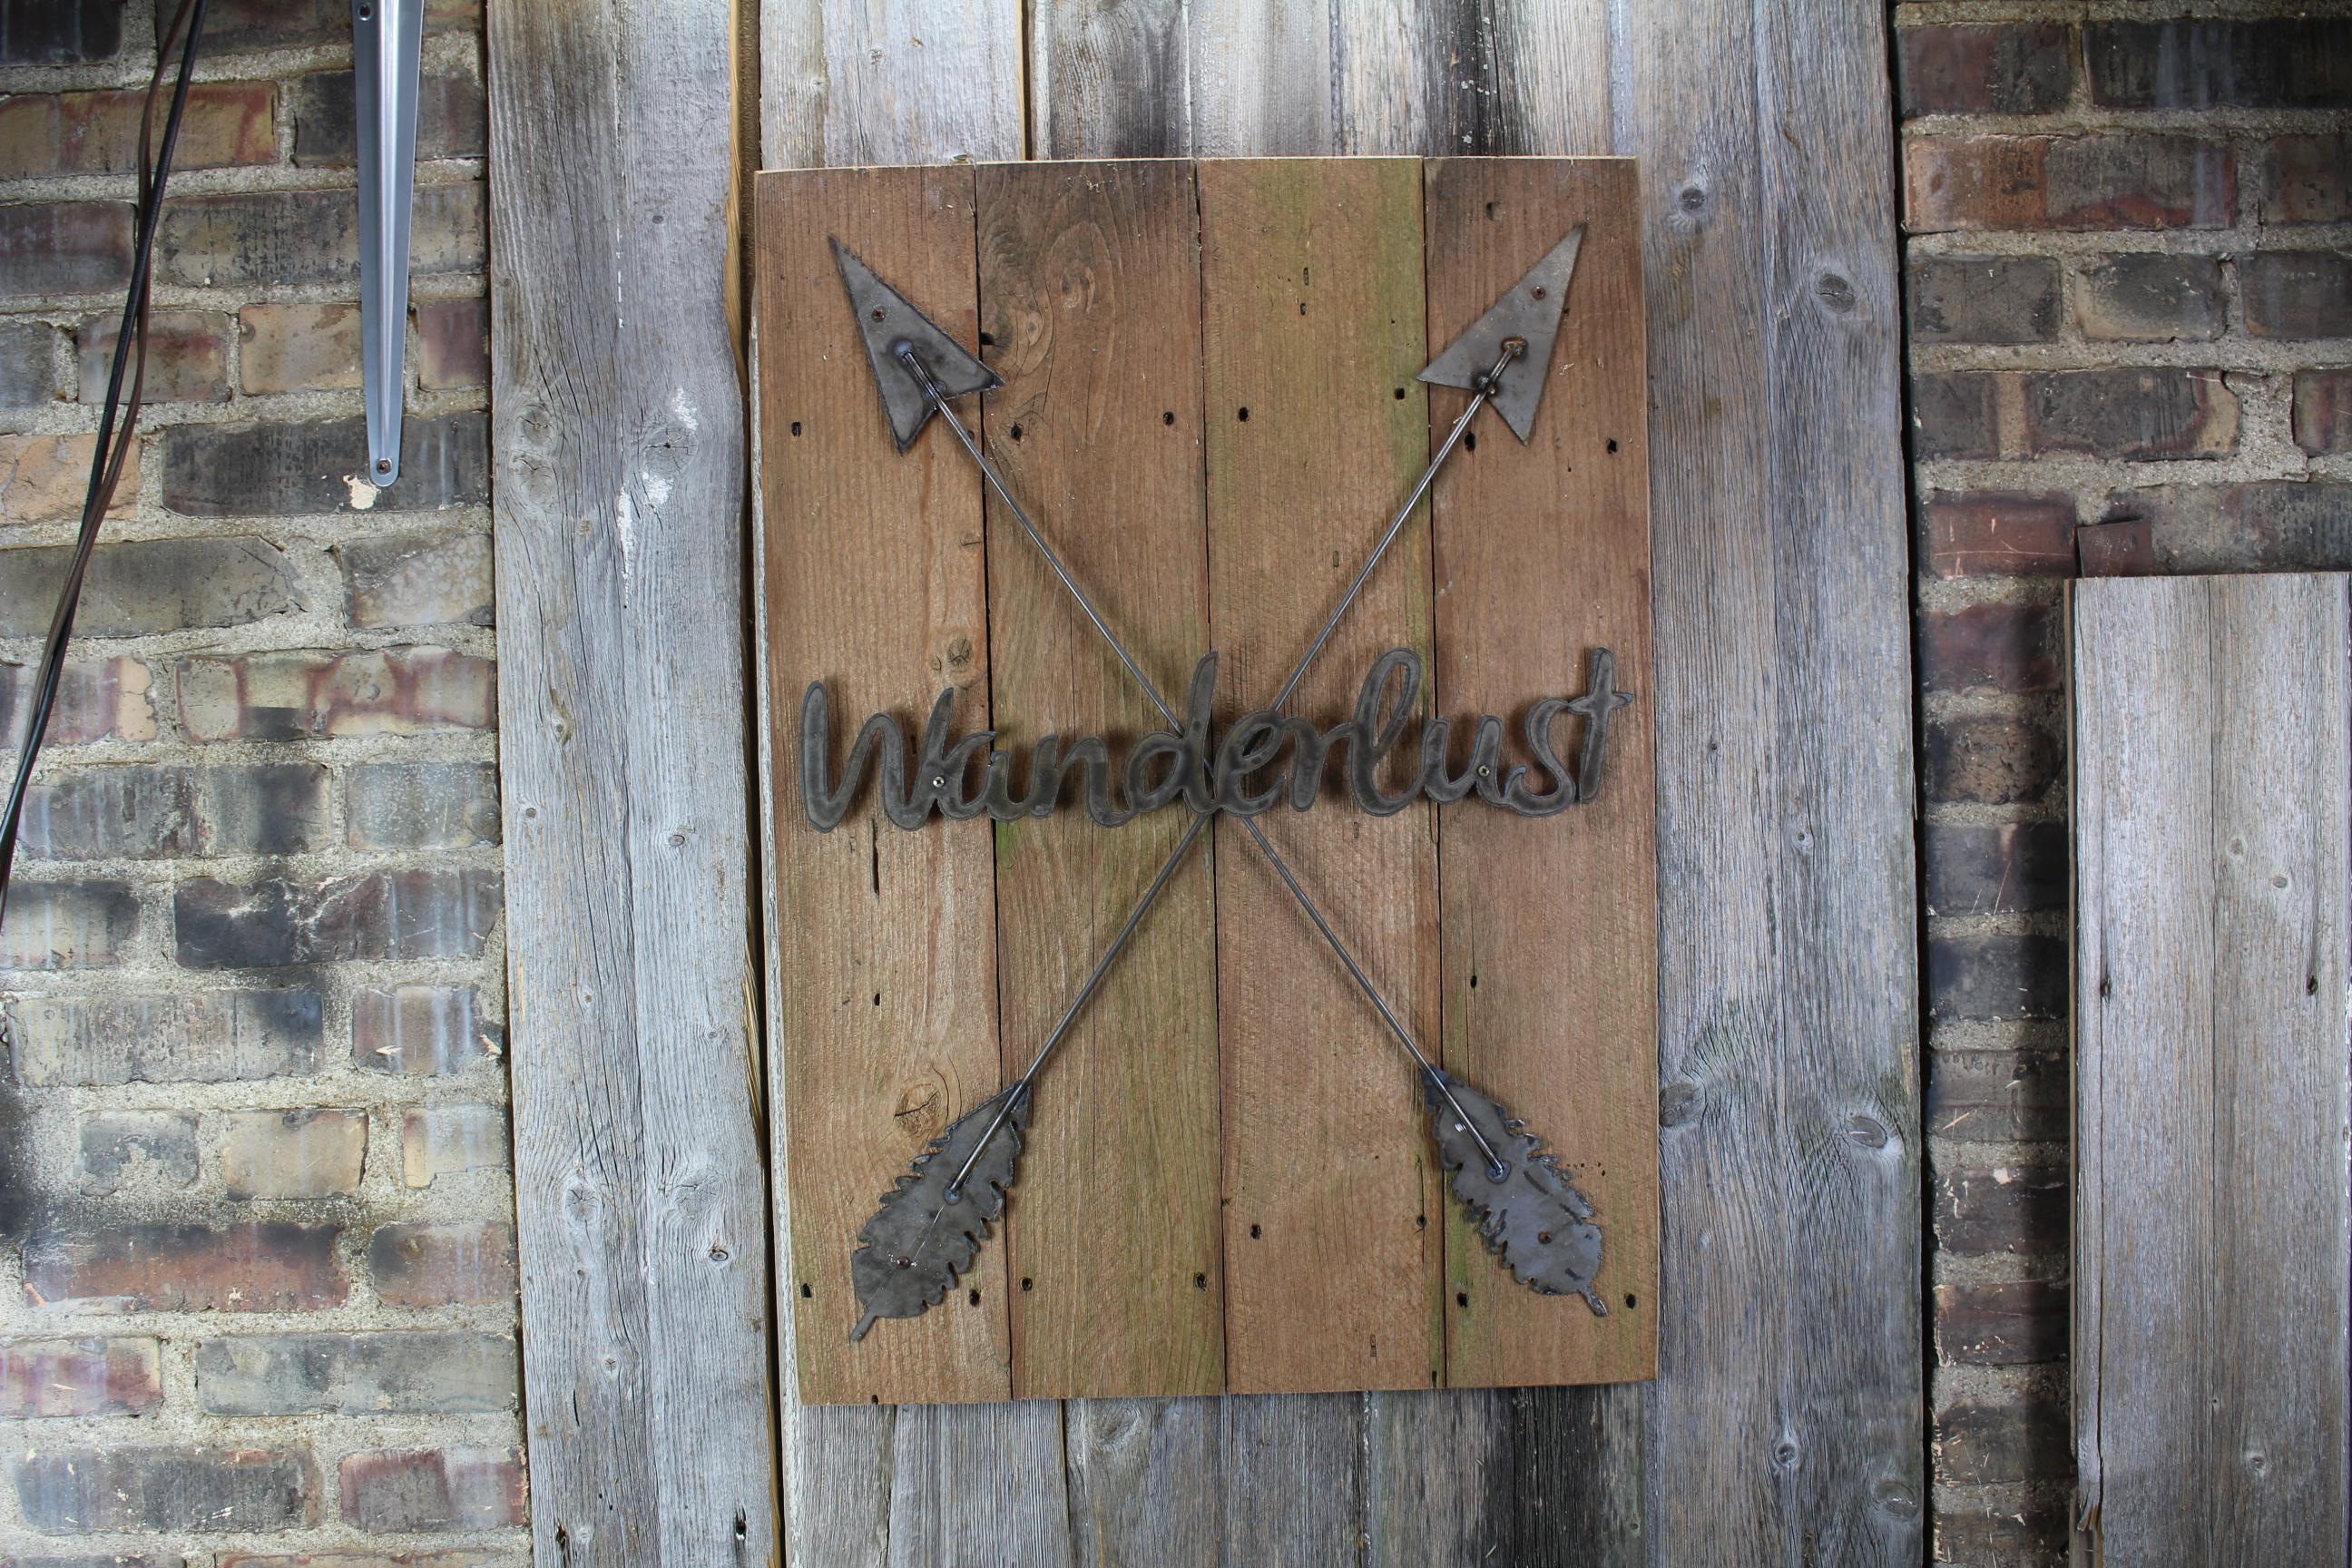 wanderlust -two arrow